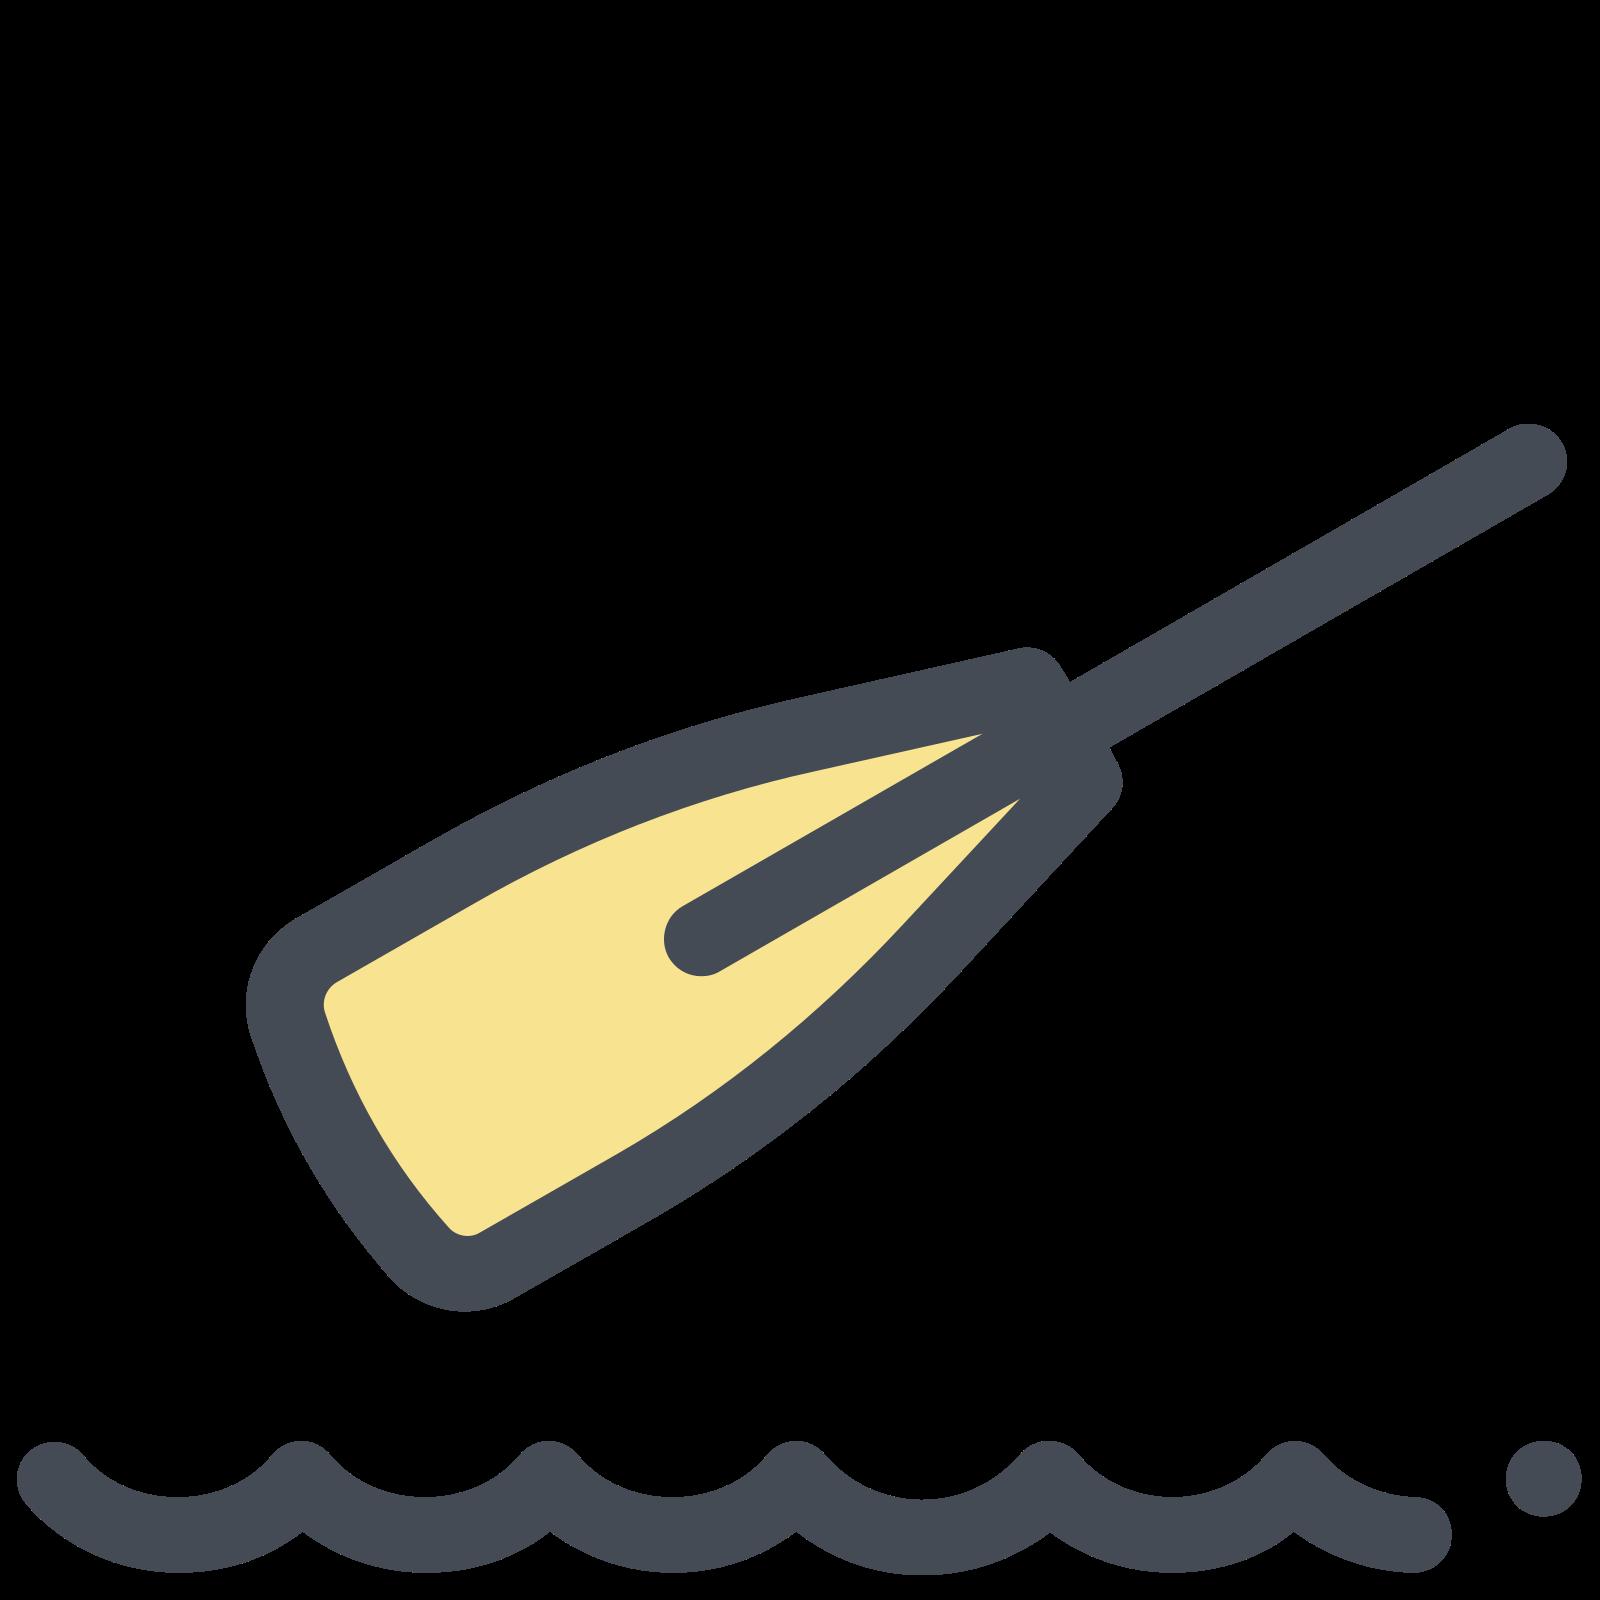 Morze 05 icon